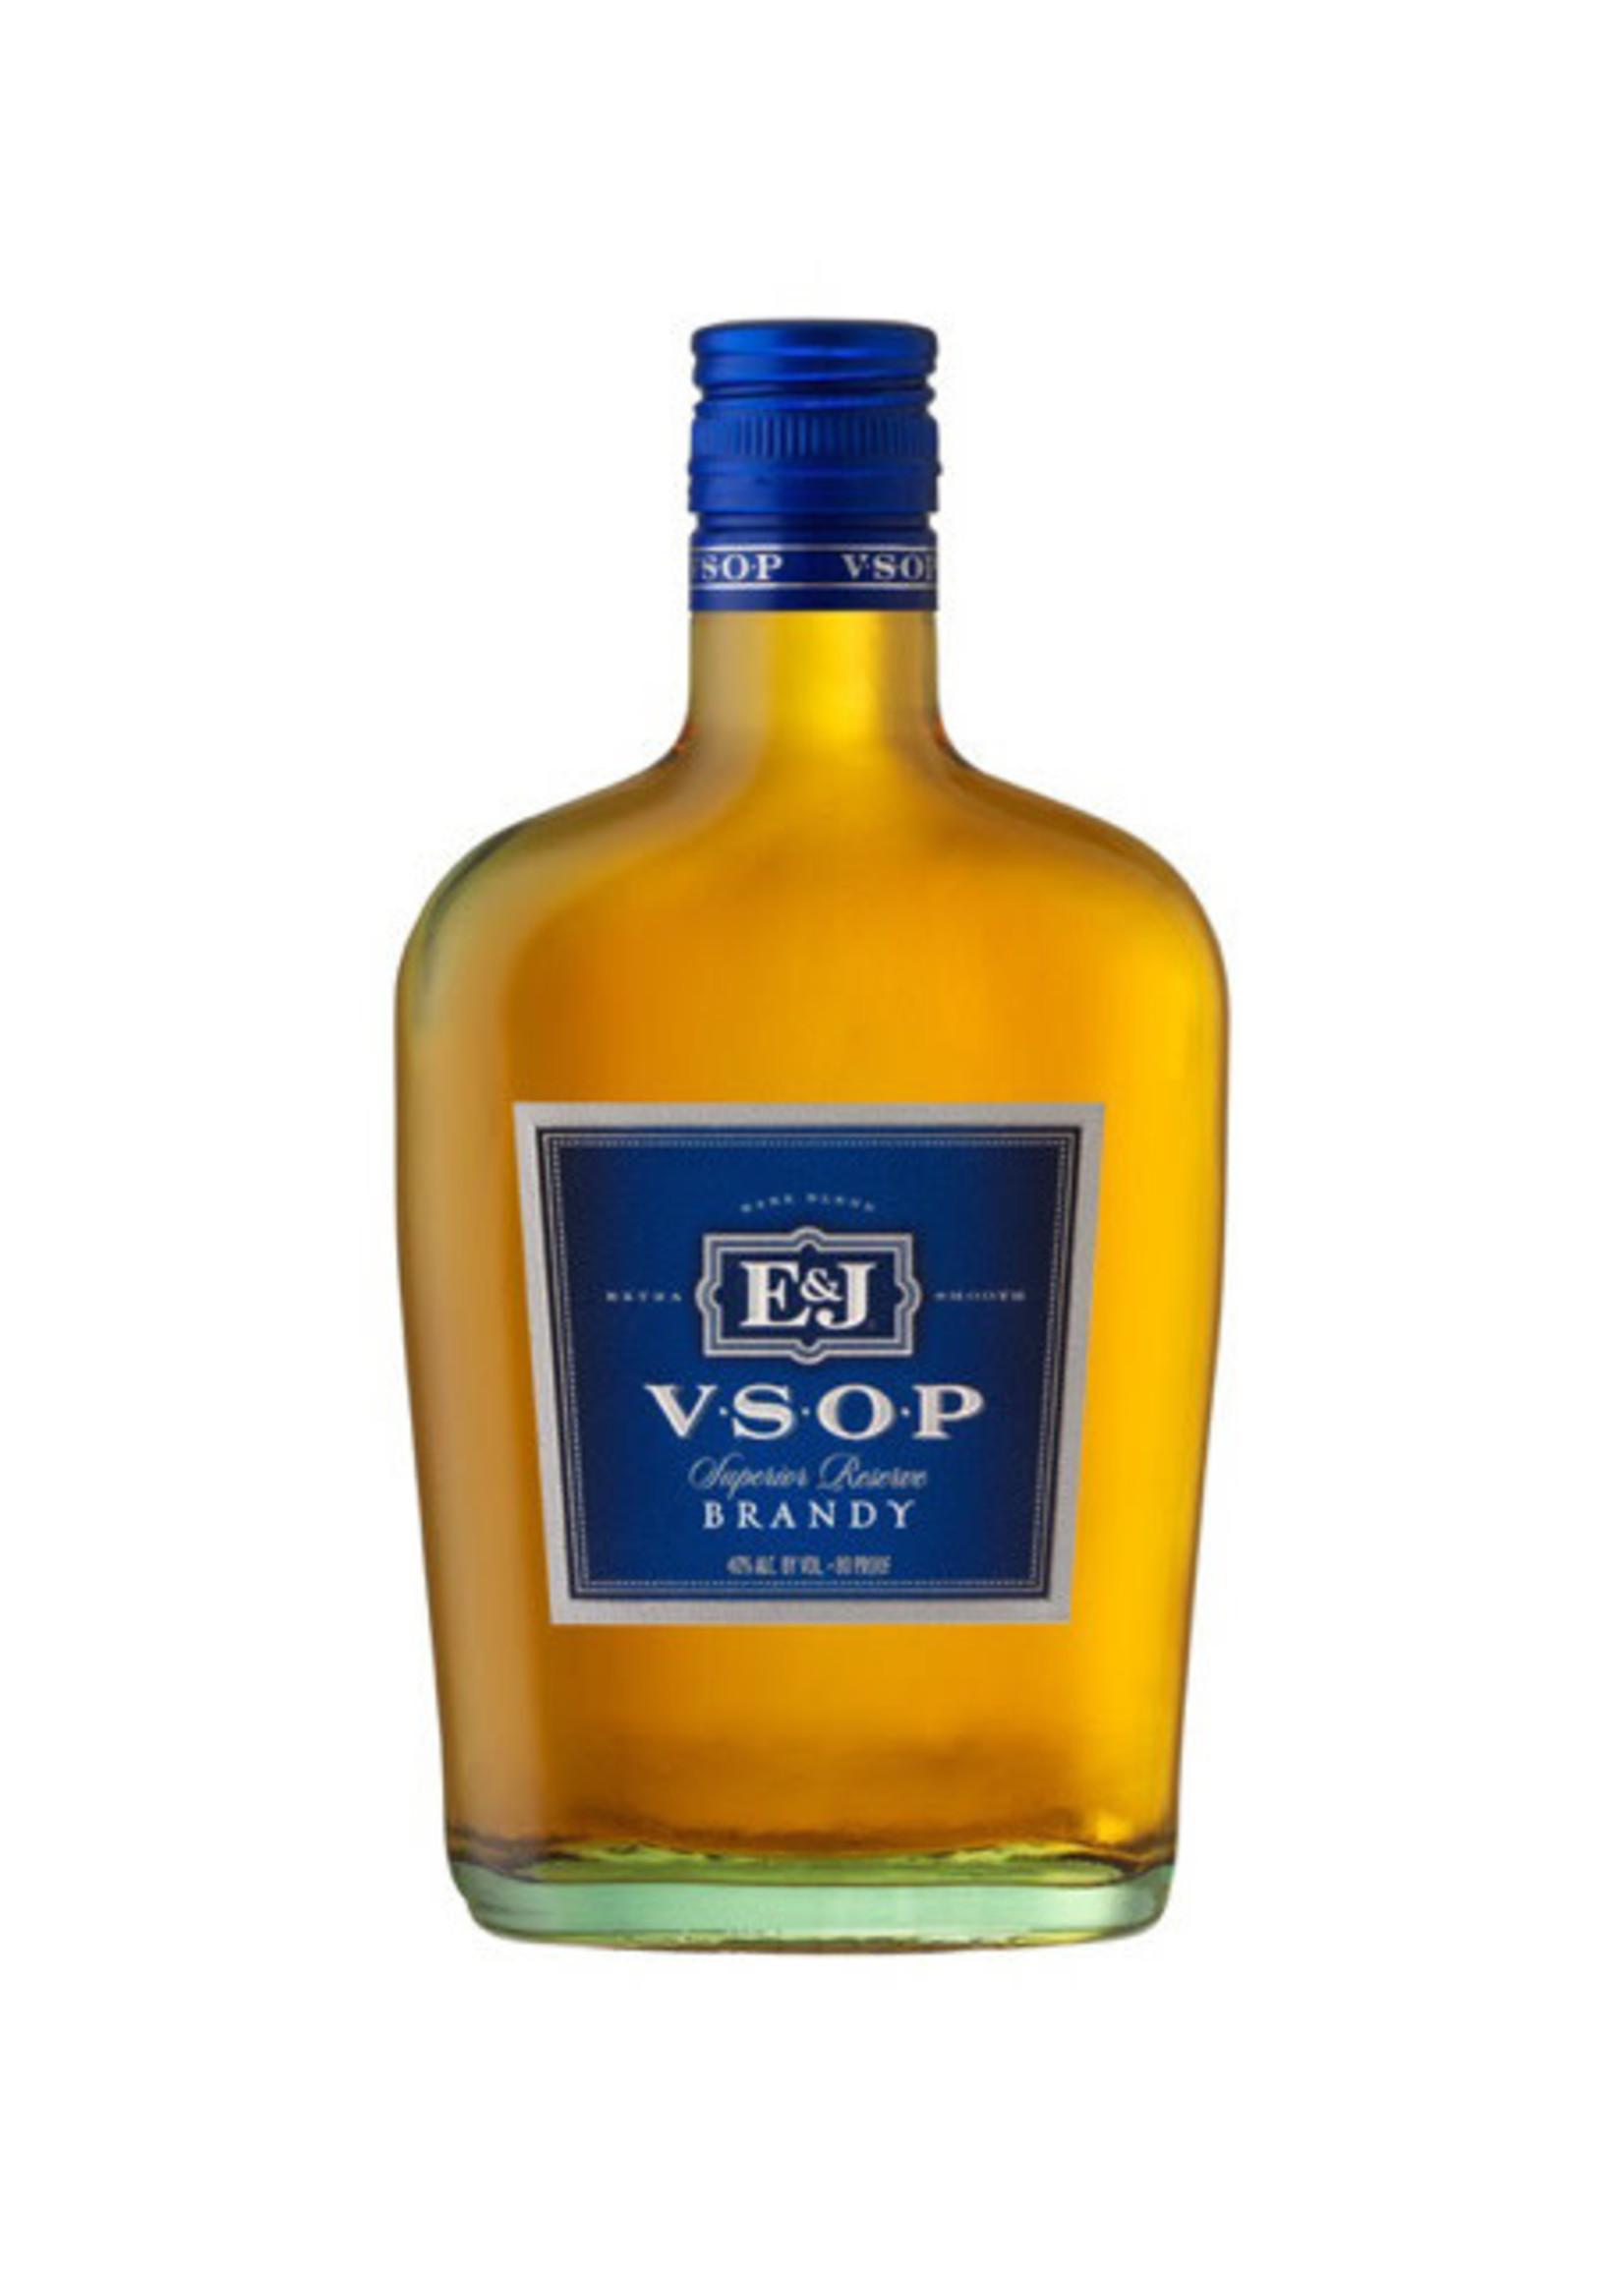 E & J VSOP Brandy 375mL